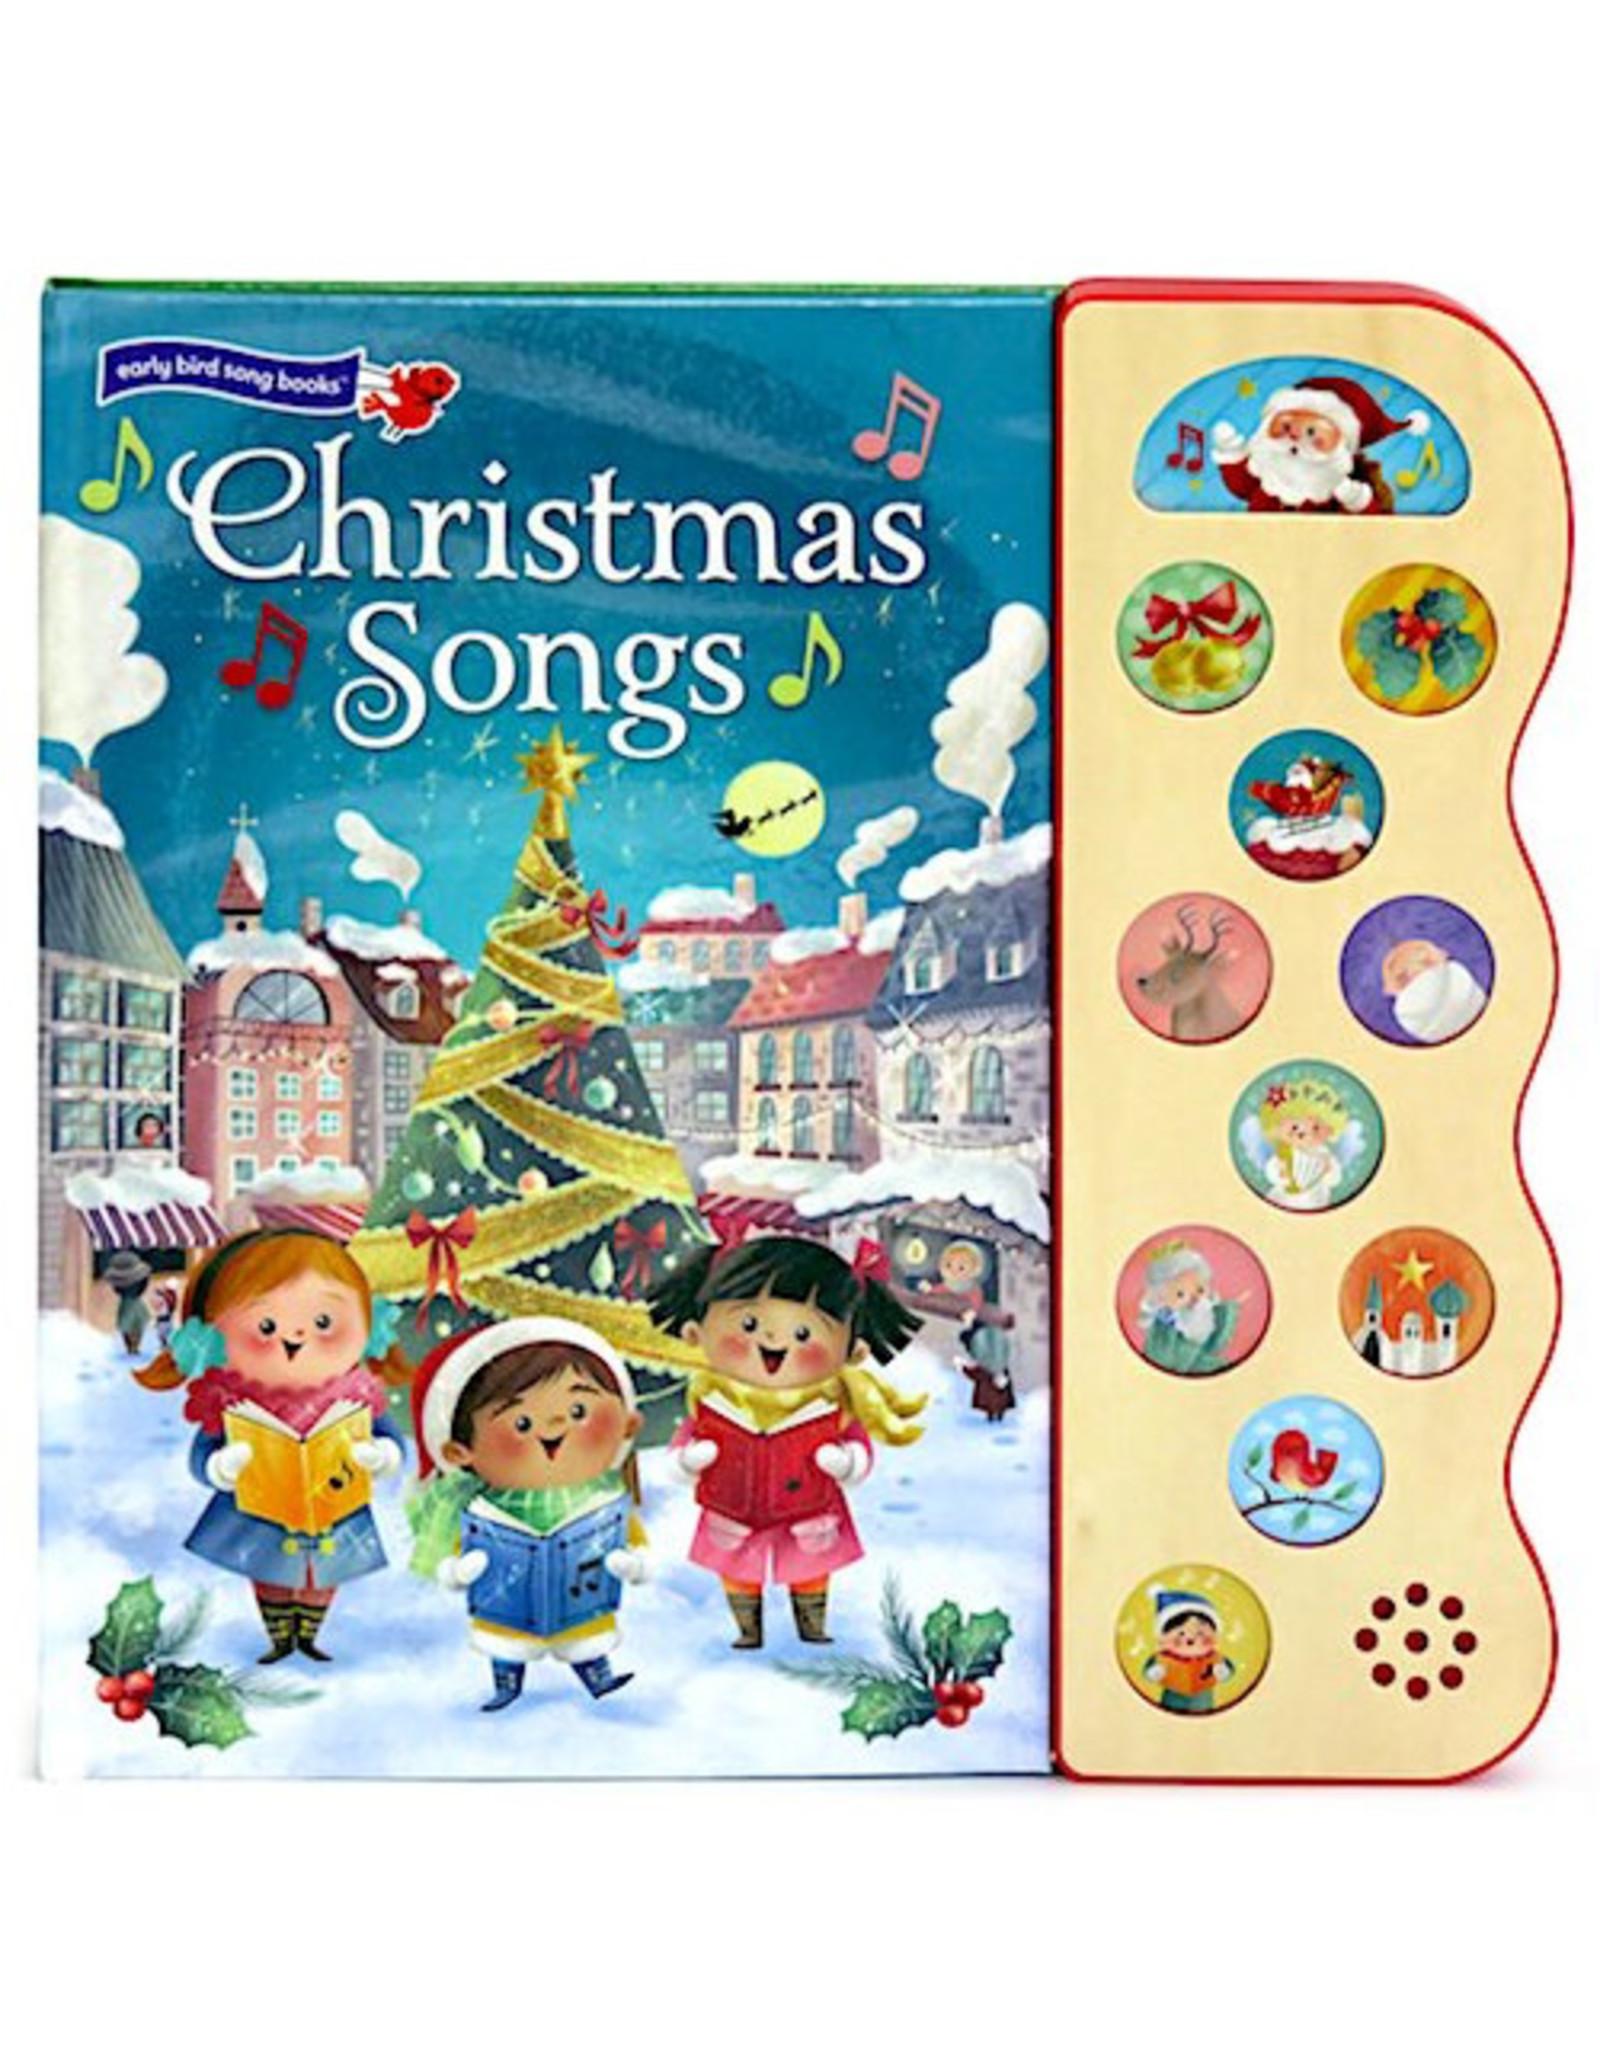 Cottage Door Press Christmas Songs